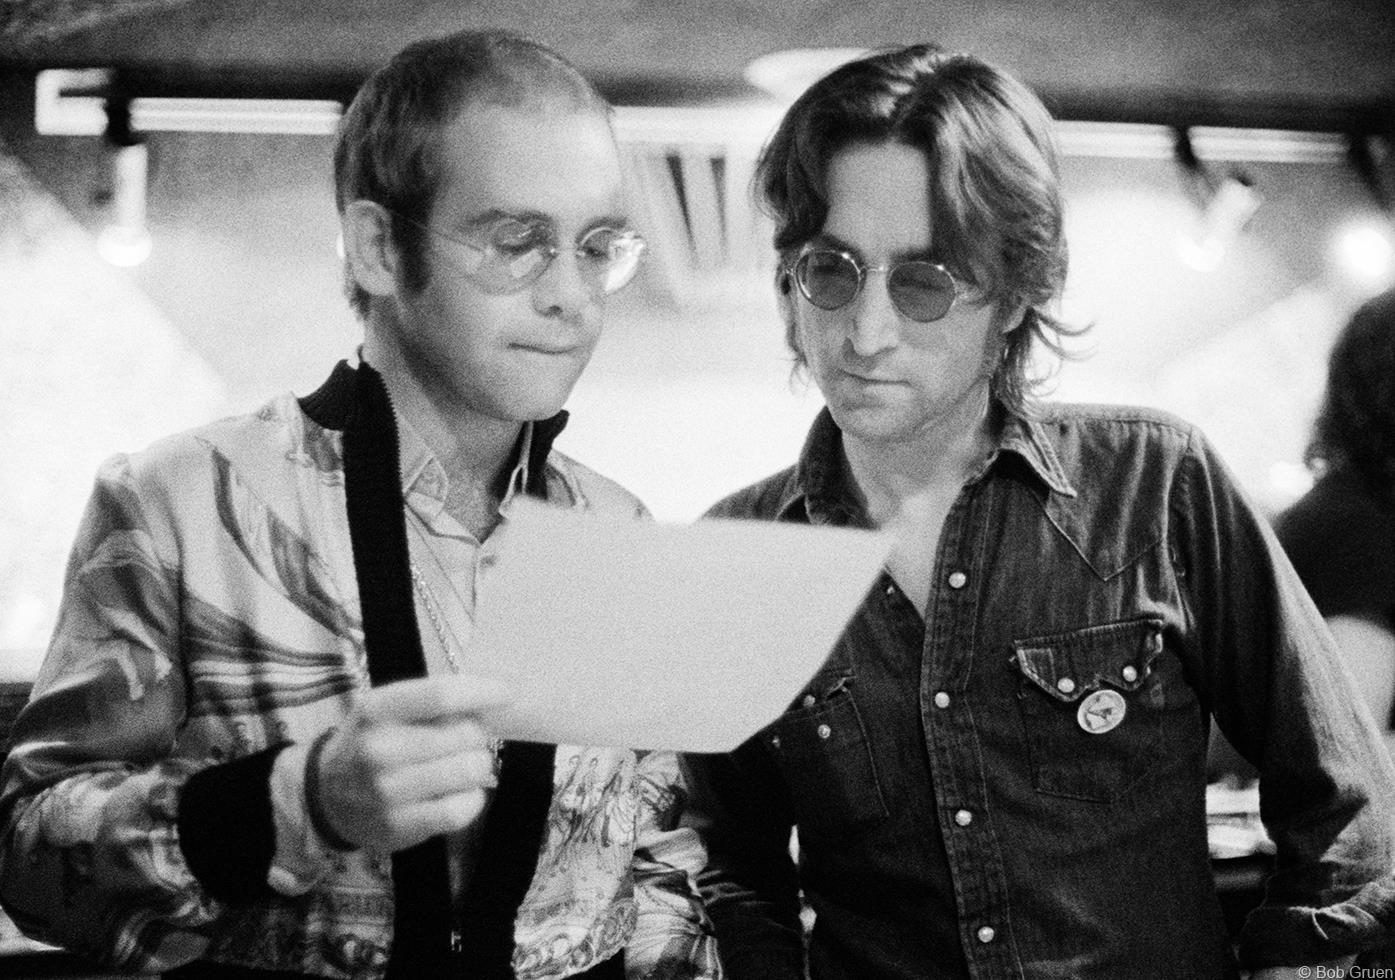 1974. Элтон Джон & Джон Леннон